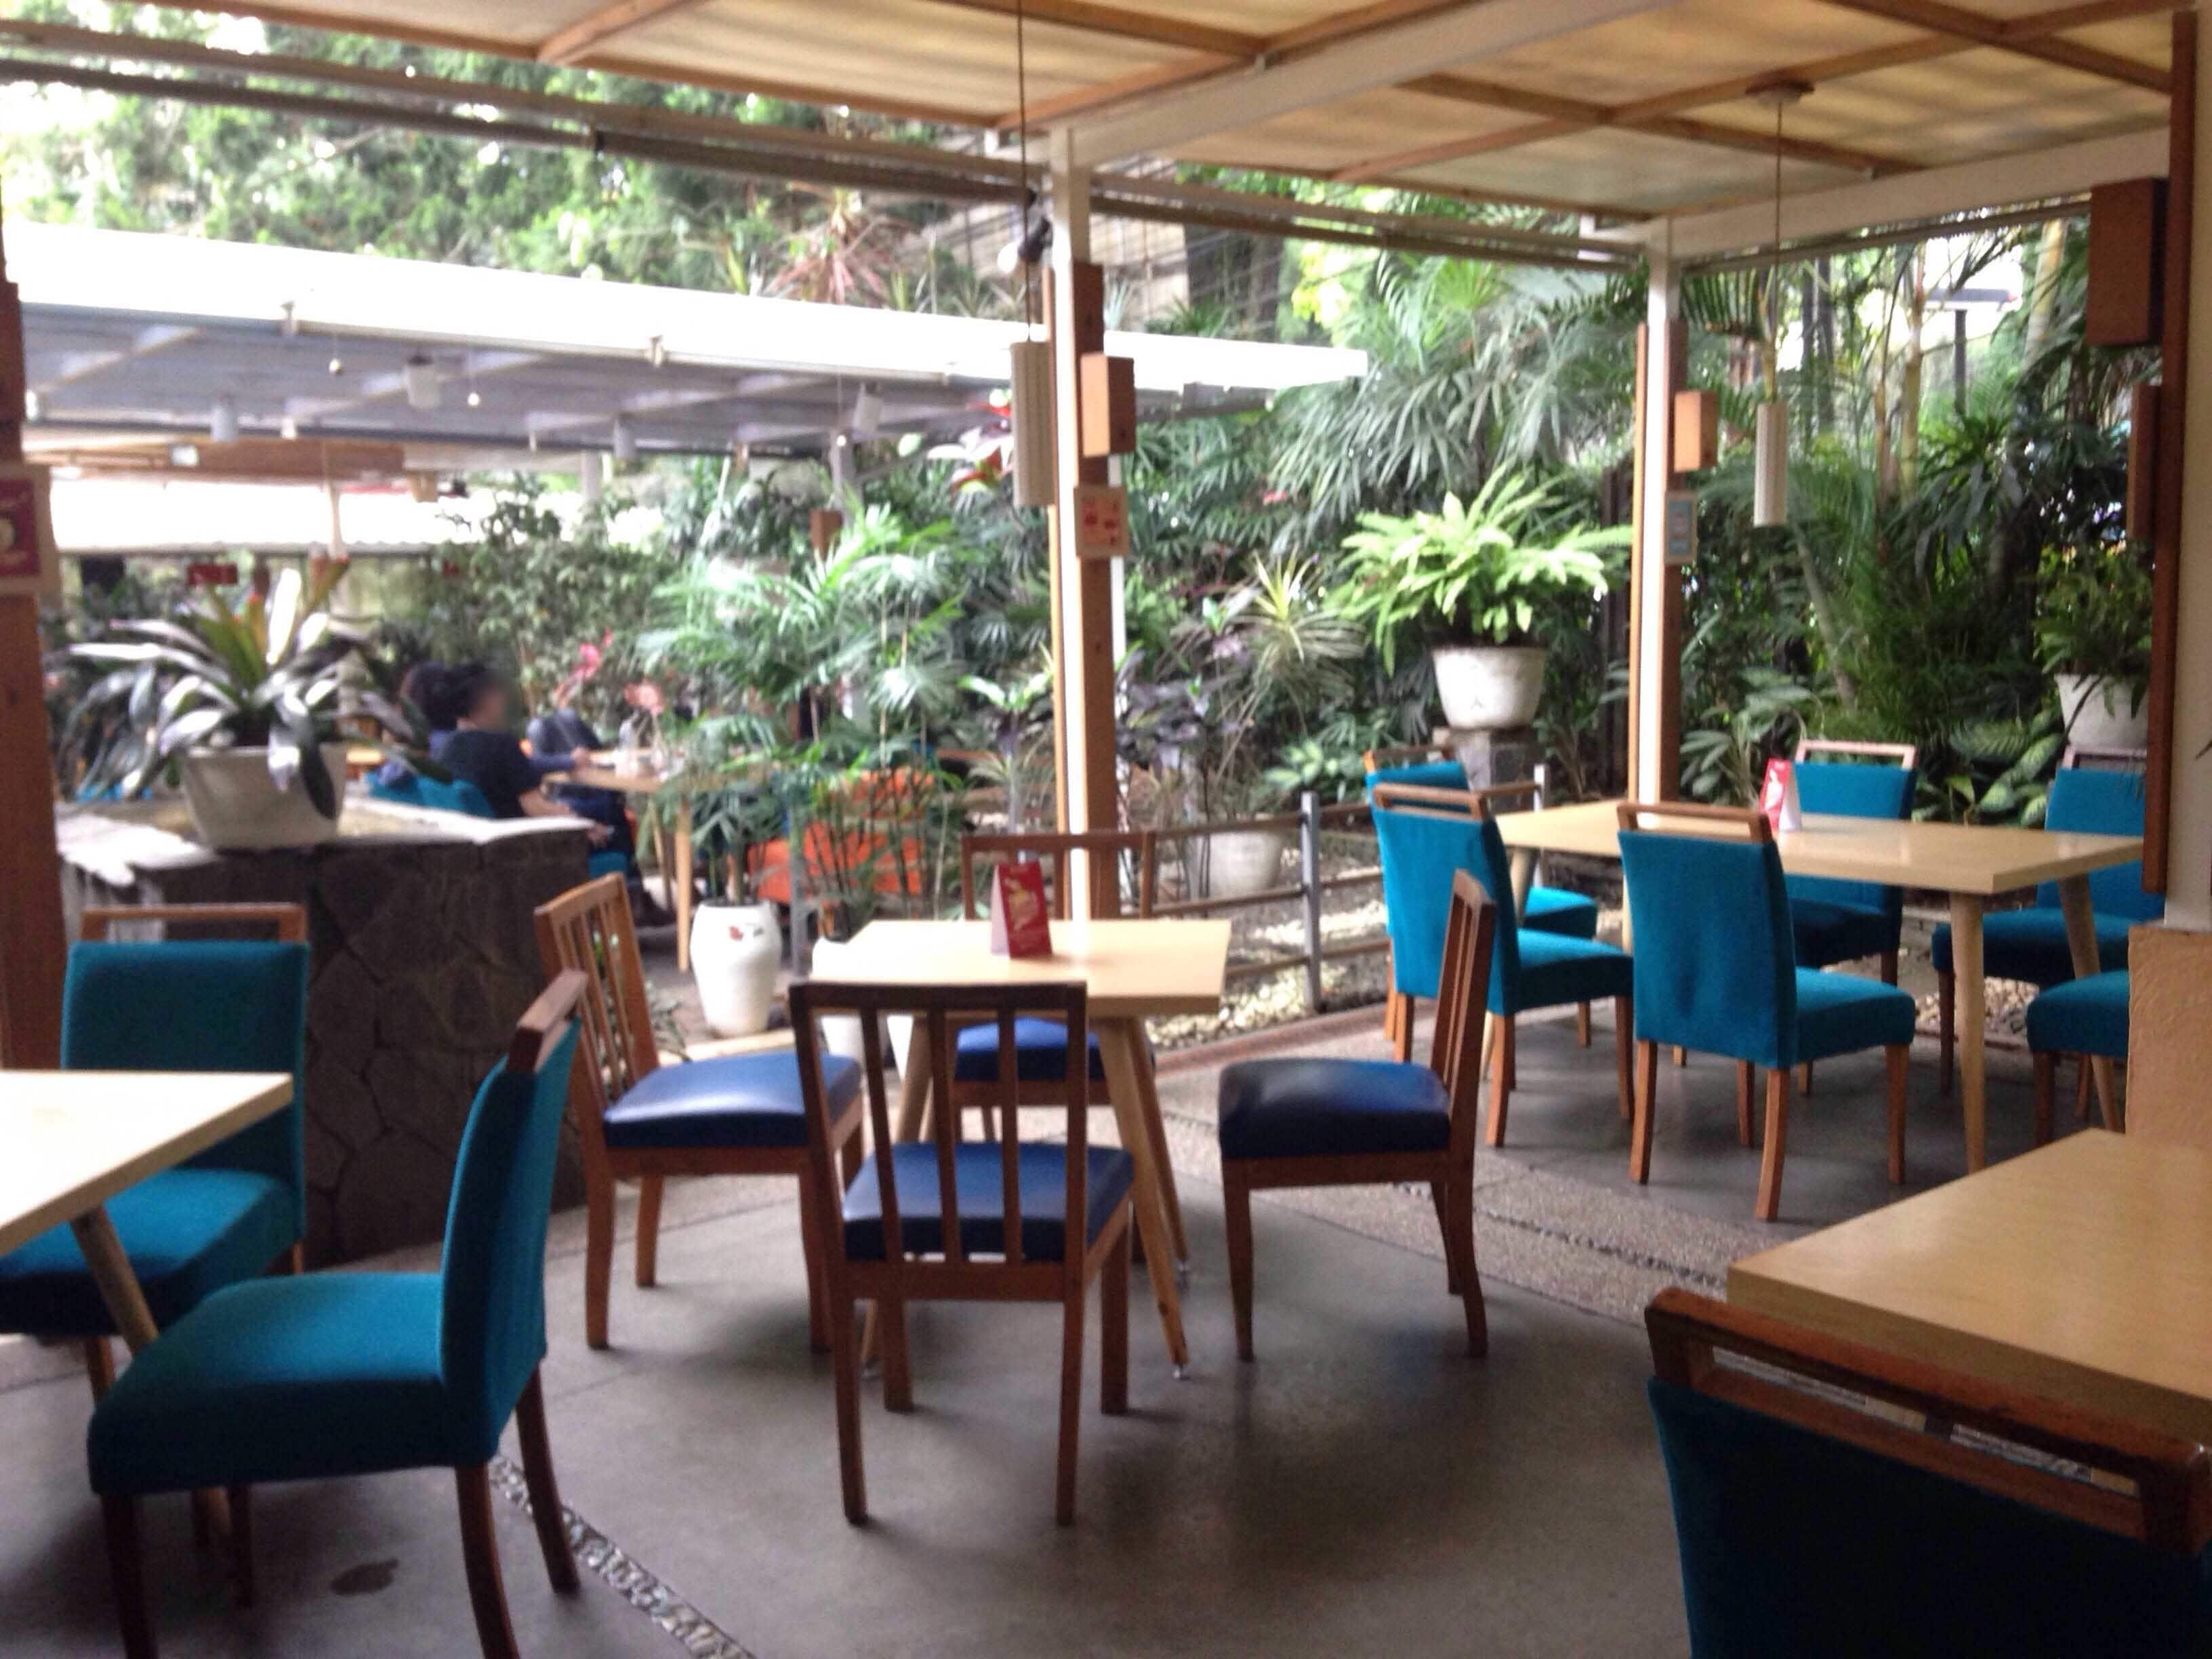 Cafe Halaman yang tampak mewah namun merupakan coffee shop murah Bandung terbaik